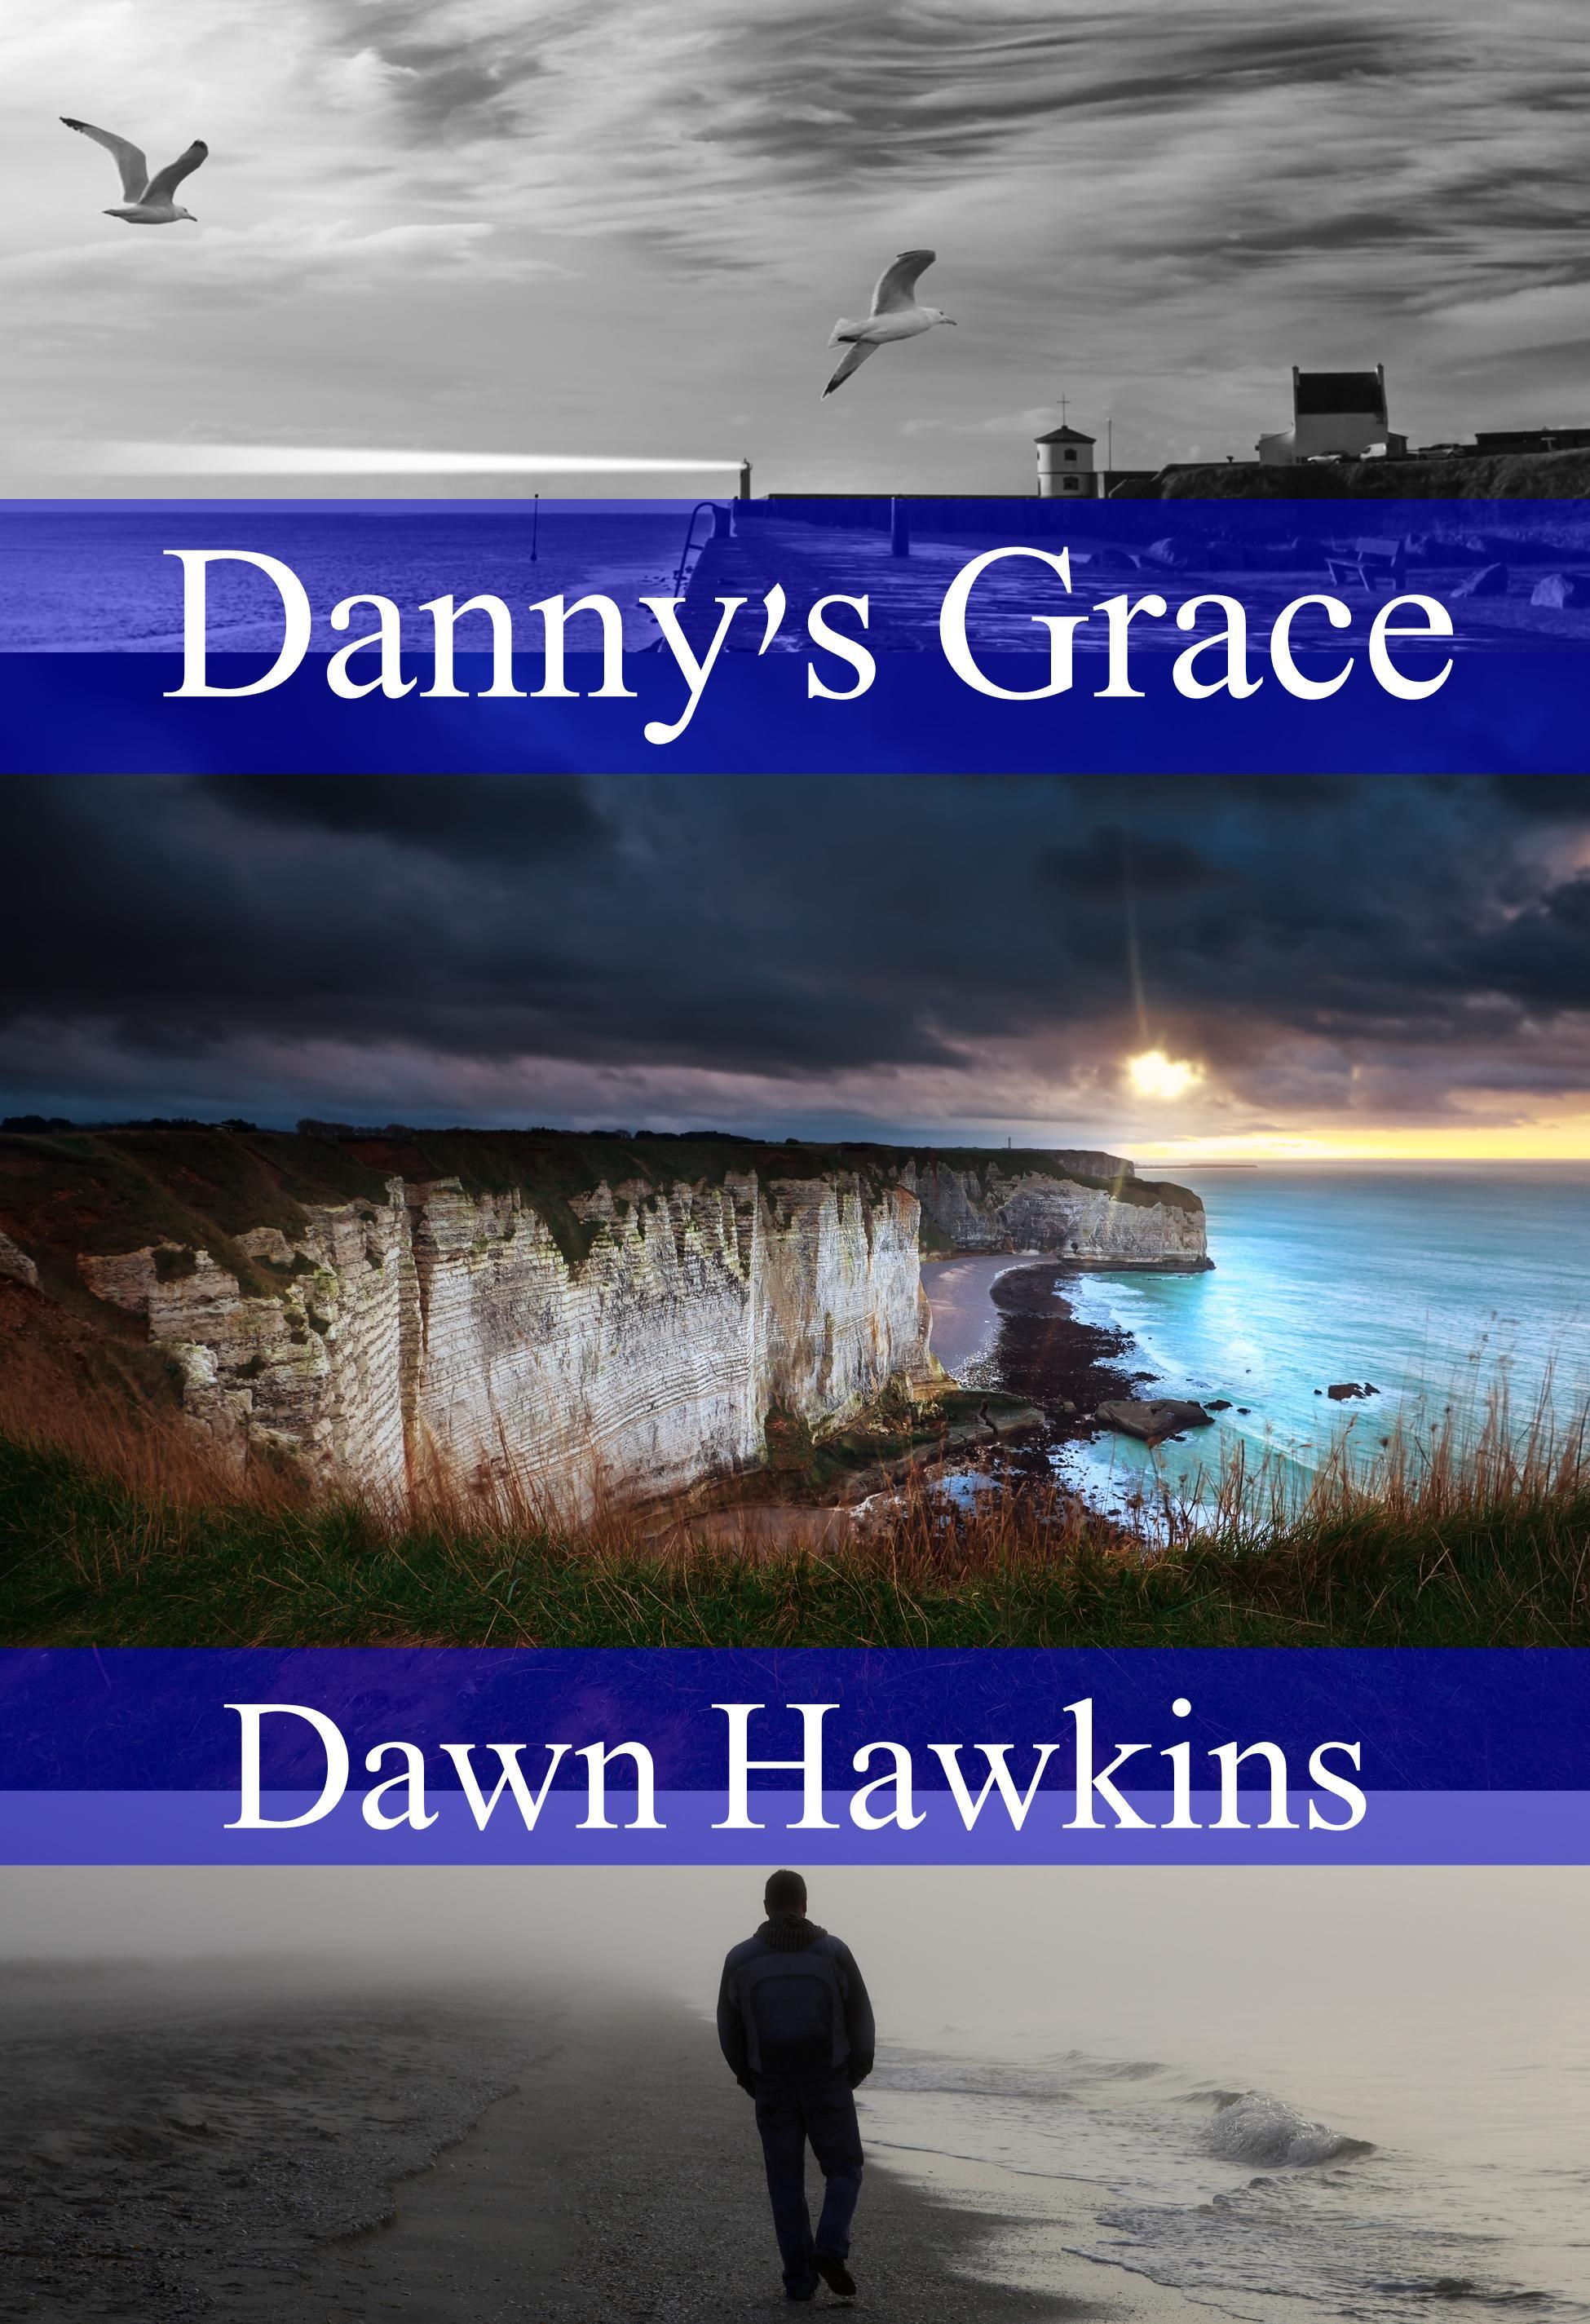 Danny's Grace